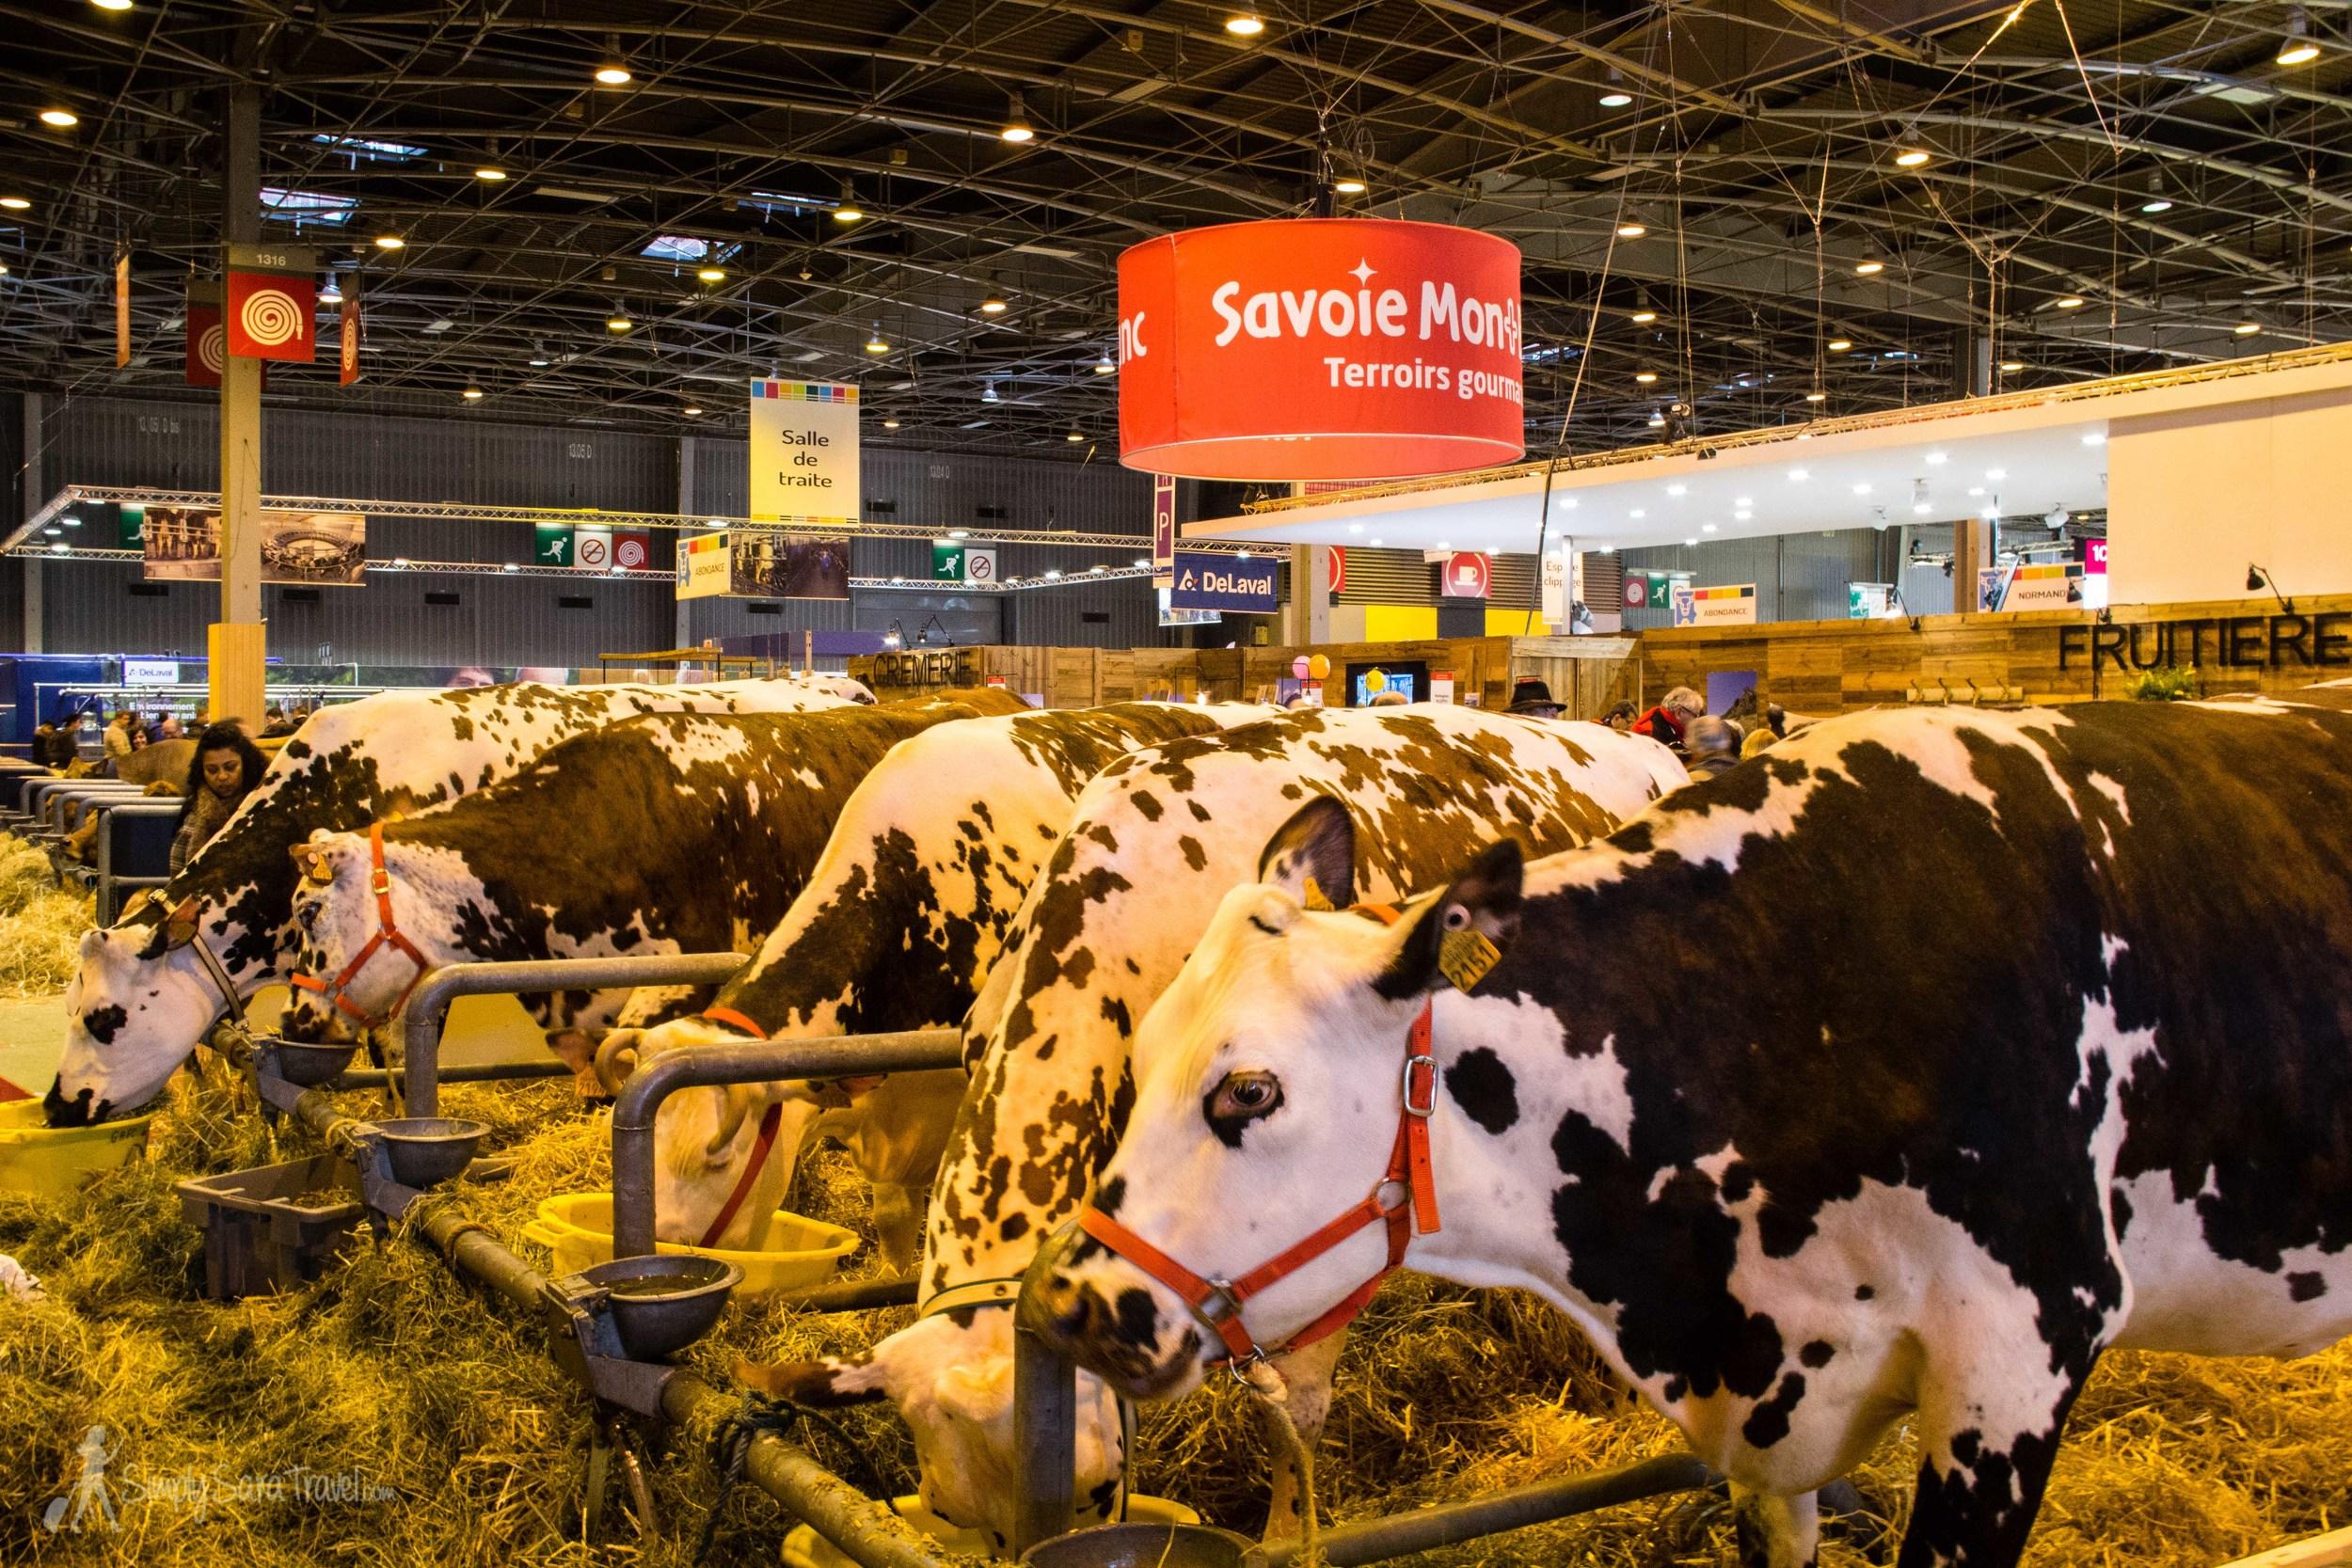 Many cows at the Salon International de l'Agriculture (International Agricultural Show) from Savoie, Paris, France